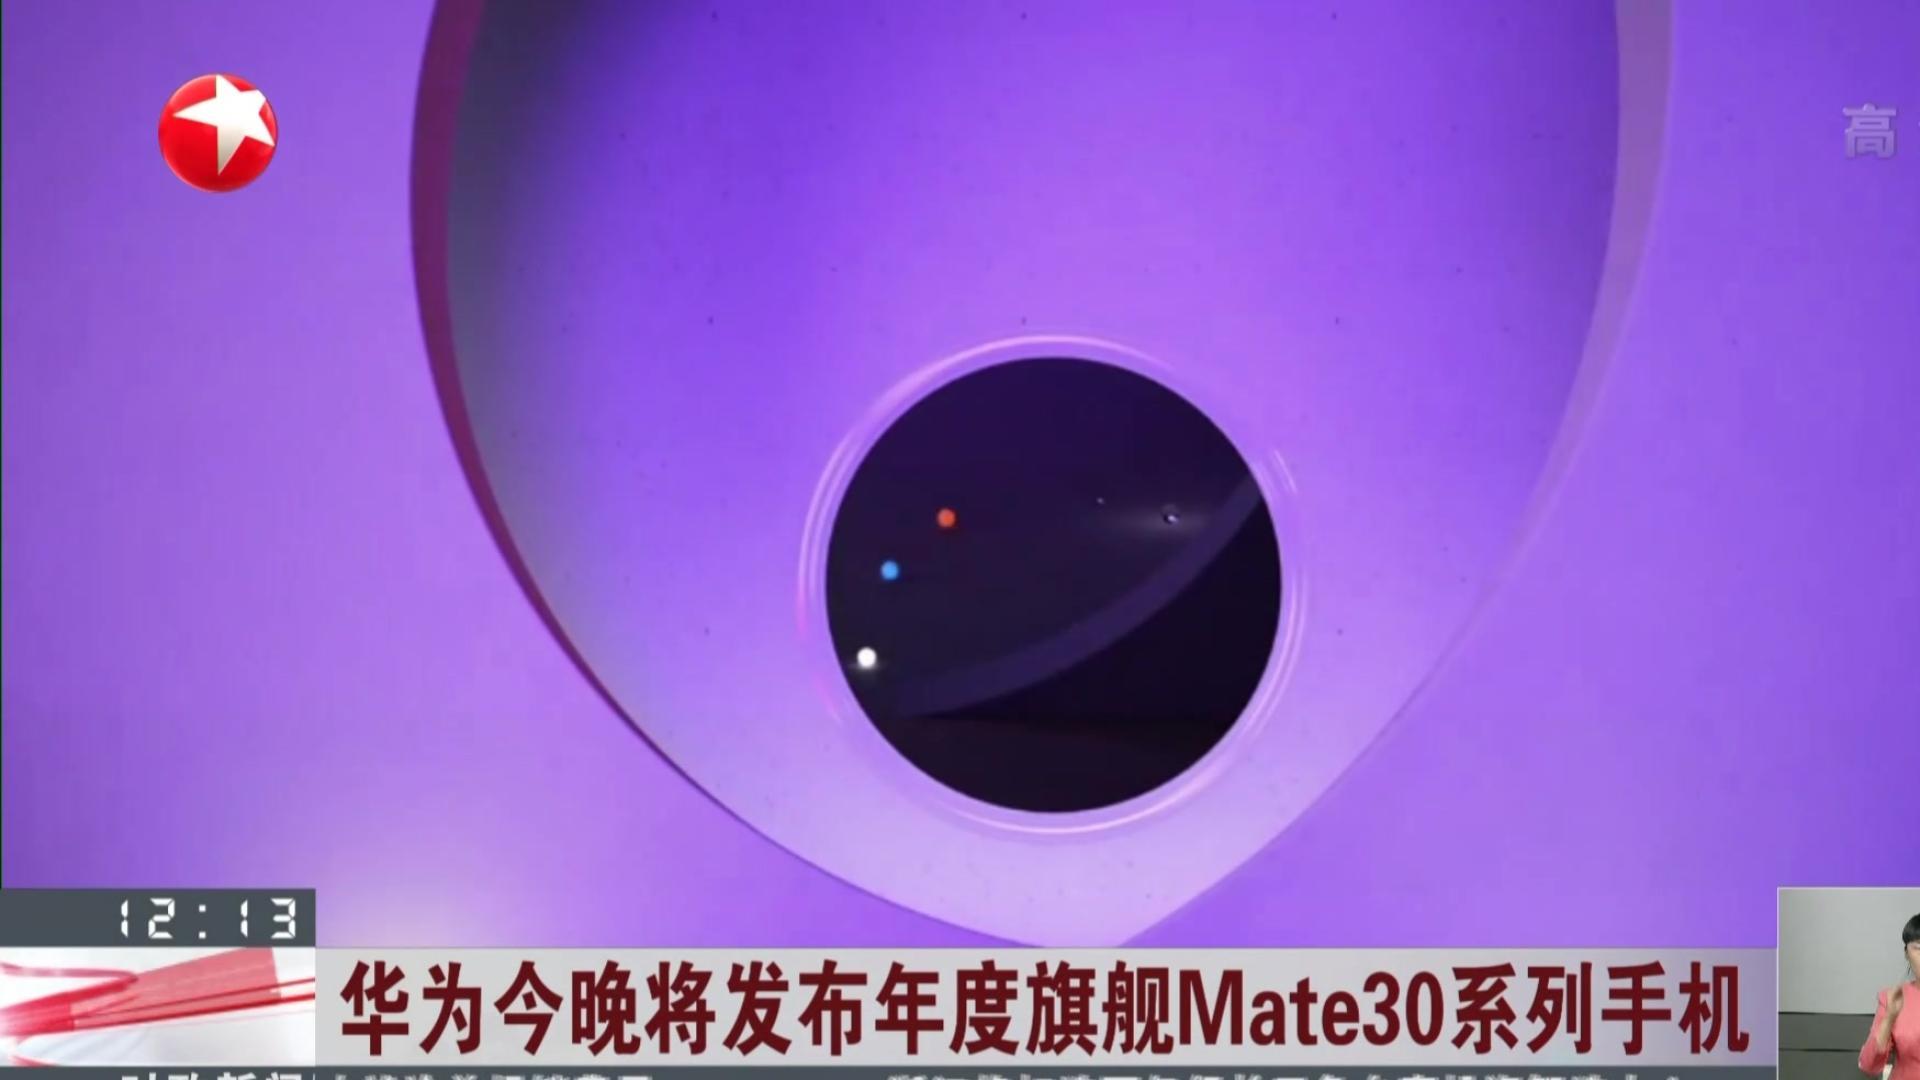 华为今晚将发布年度旗舰Mate30系列手机